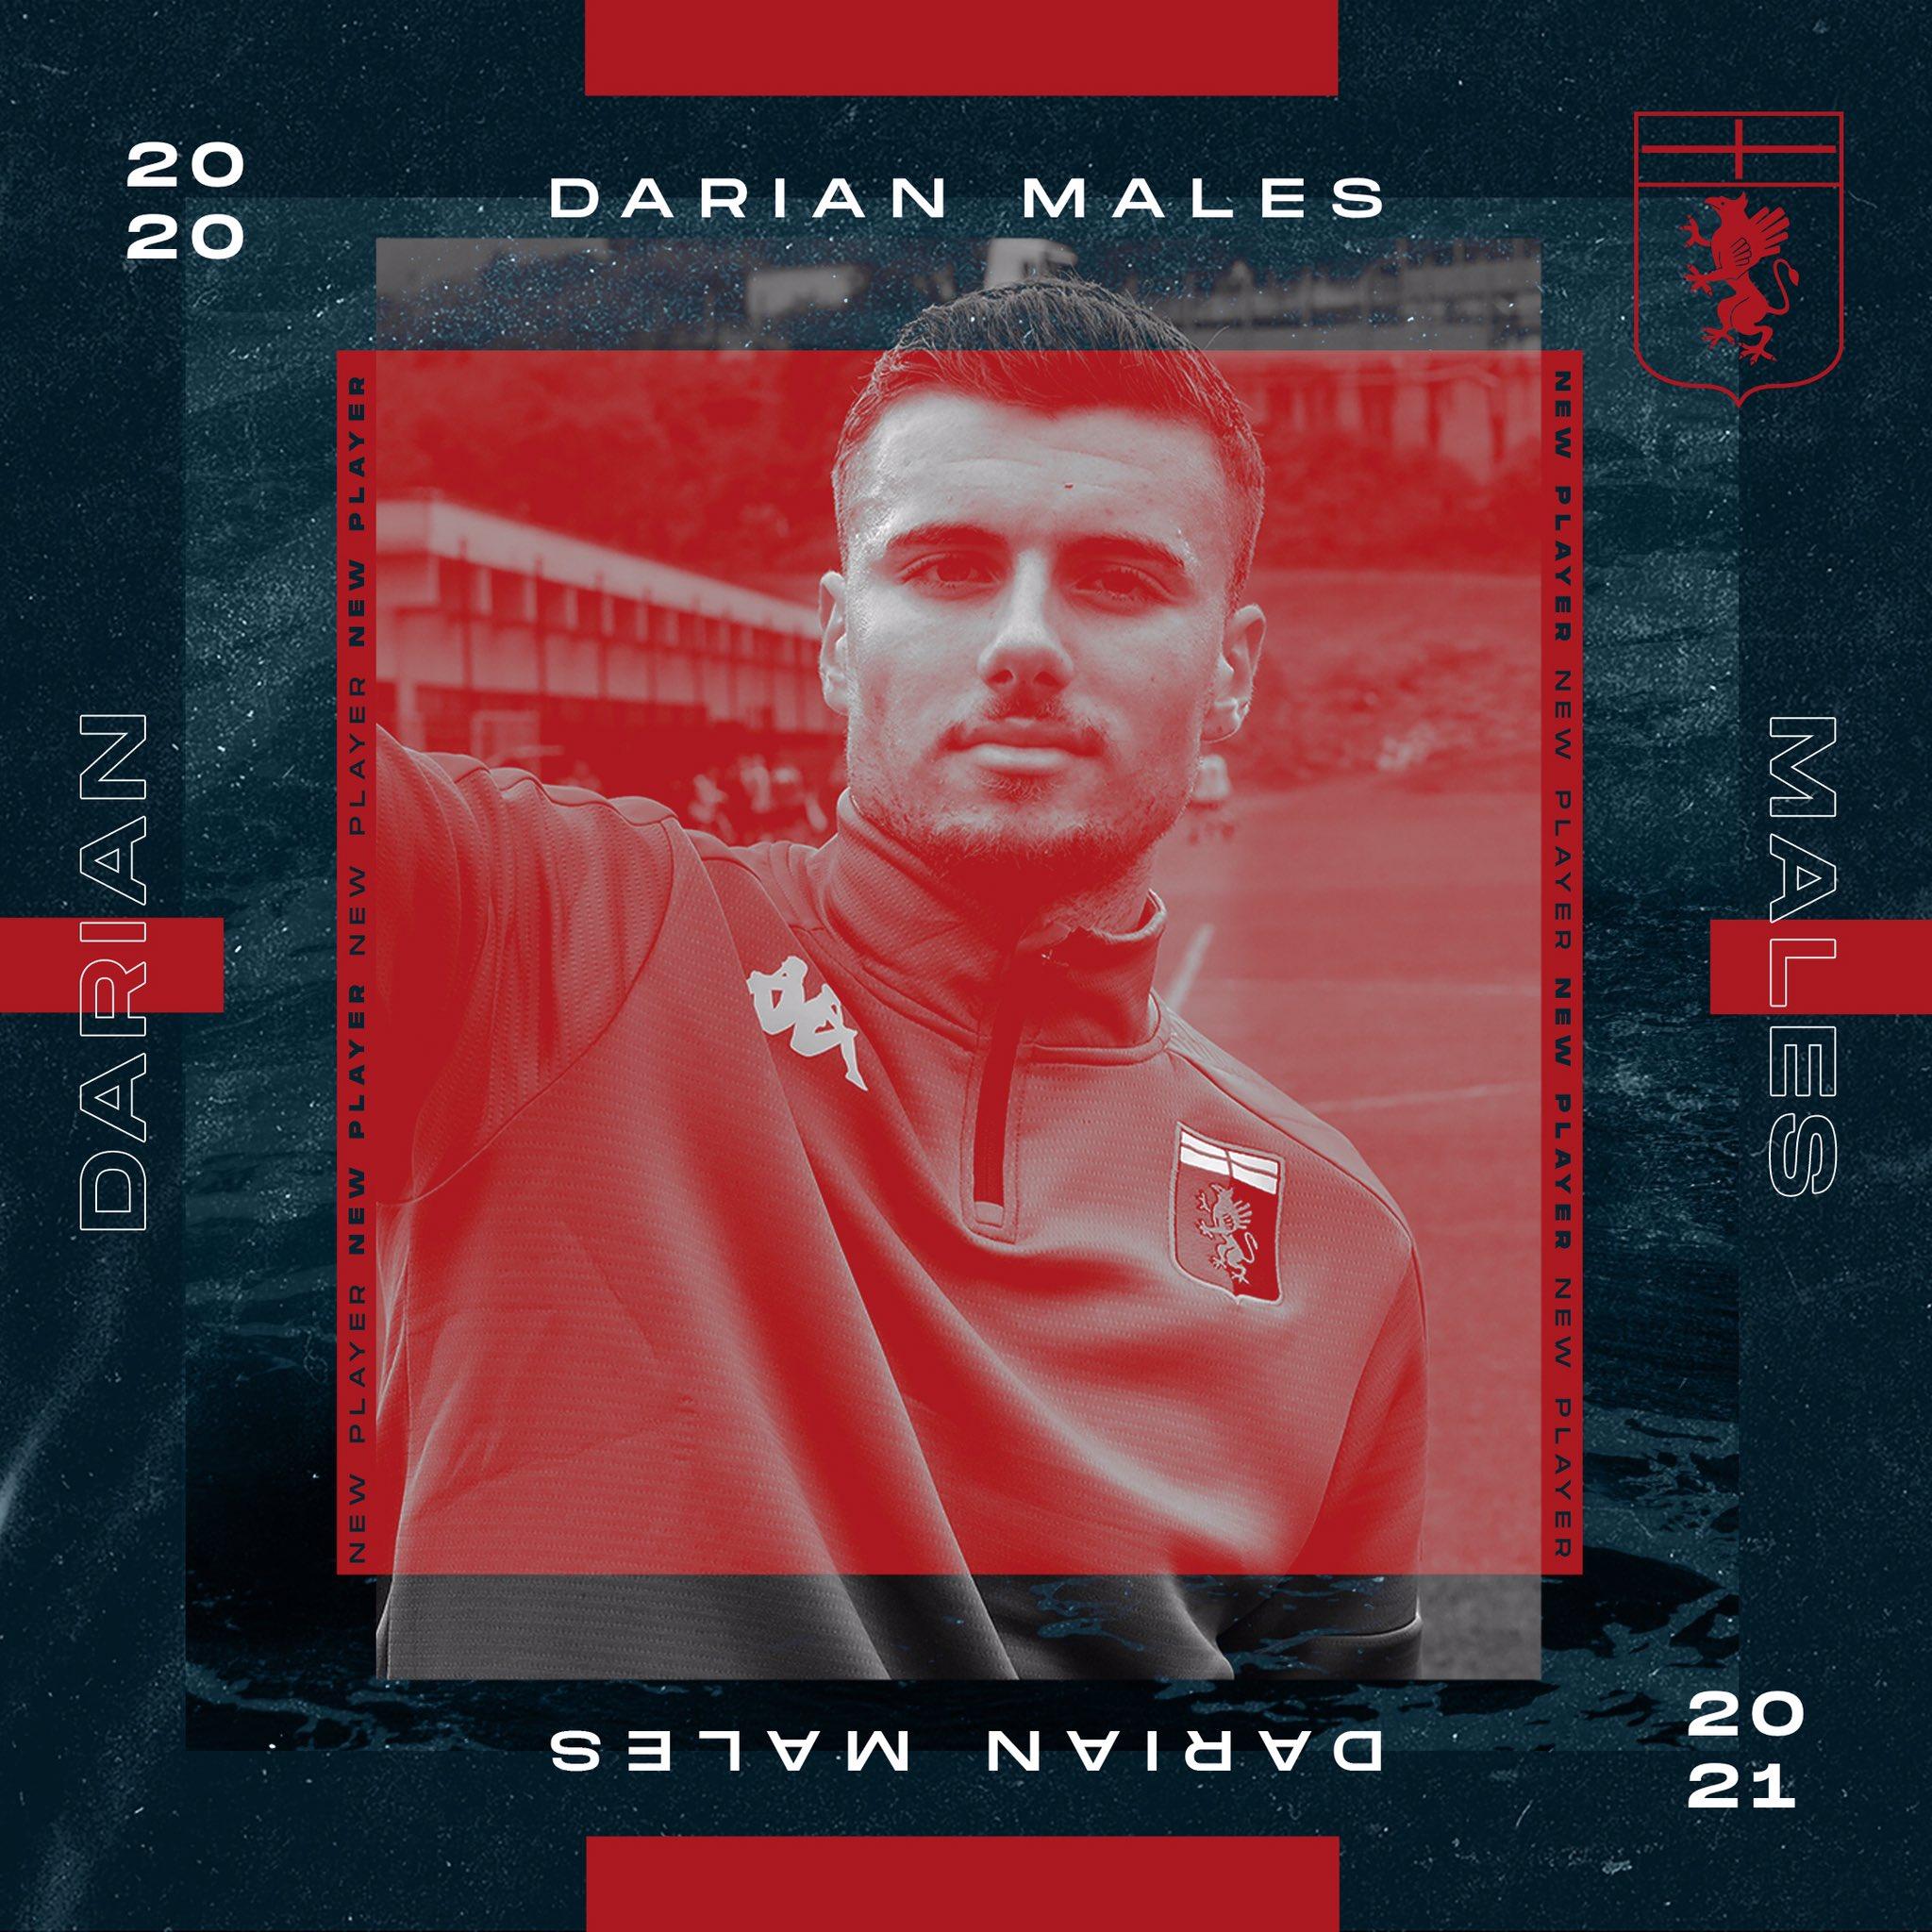 官方:国际米兰19岁瑞士前锋马尔斯租借加盟热那亚